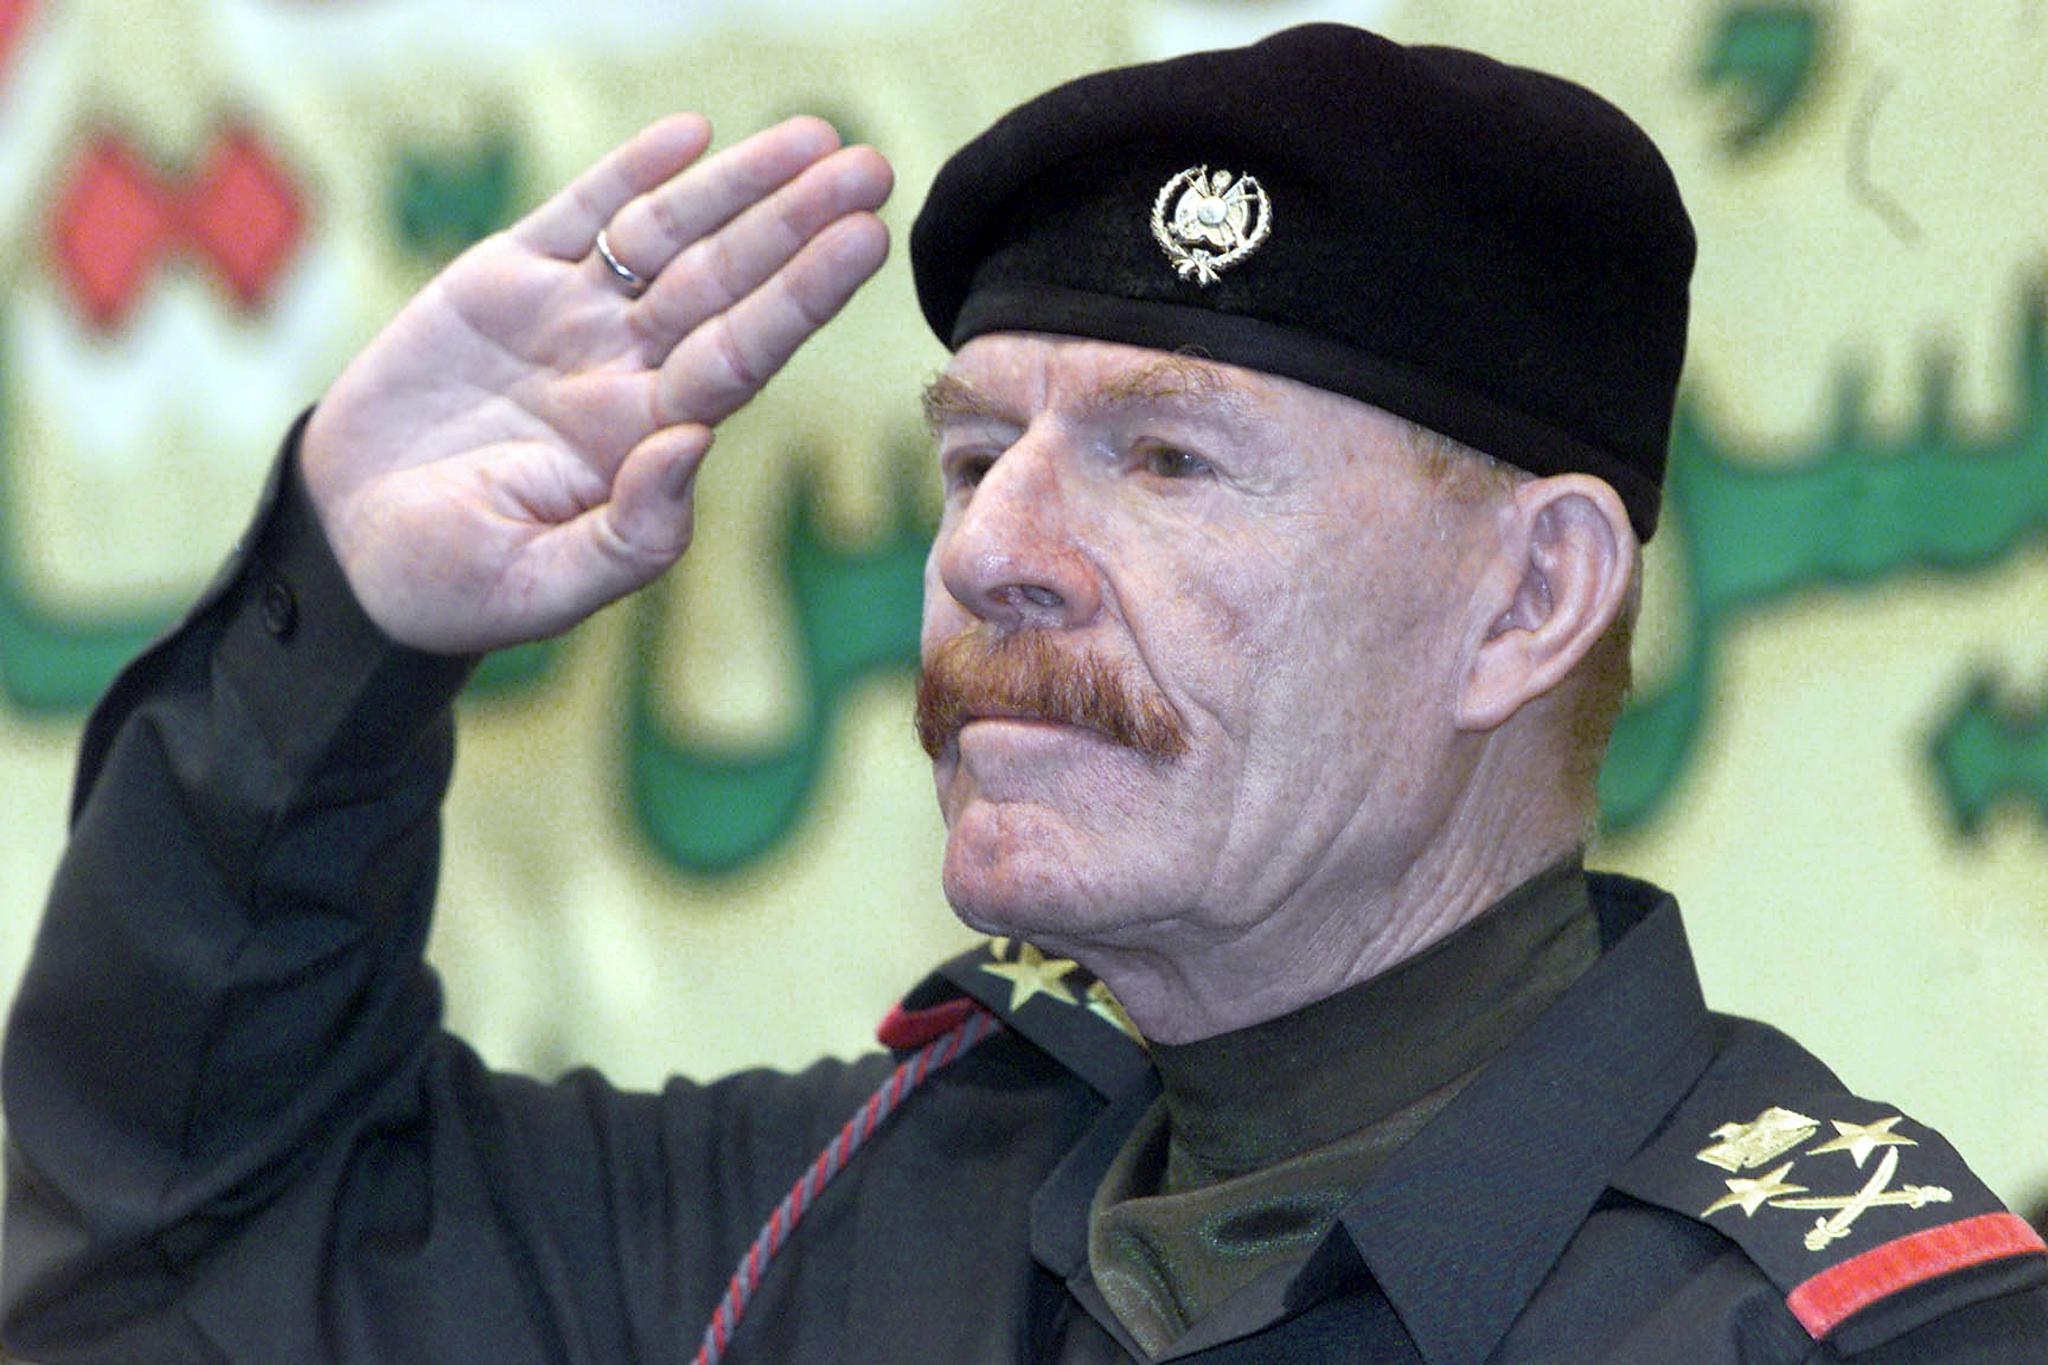 """تصویر جنجالی صدام حسین در لندن وبازگشت شعار""""بالروح بالدم،نفدیک یا صدام"""" در شهر کربلا"""